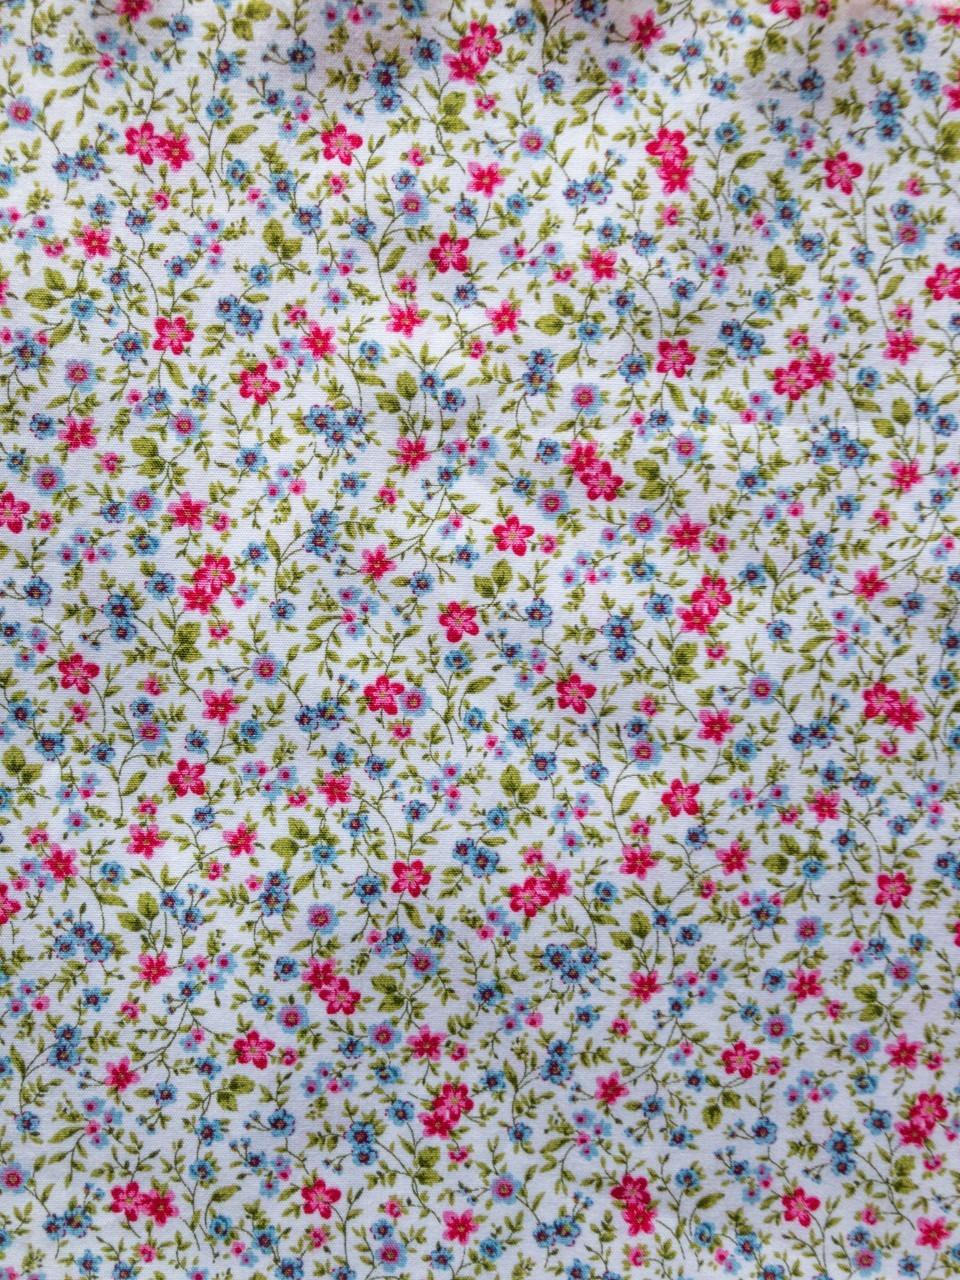 324 florecitas fresa y azul